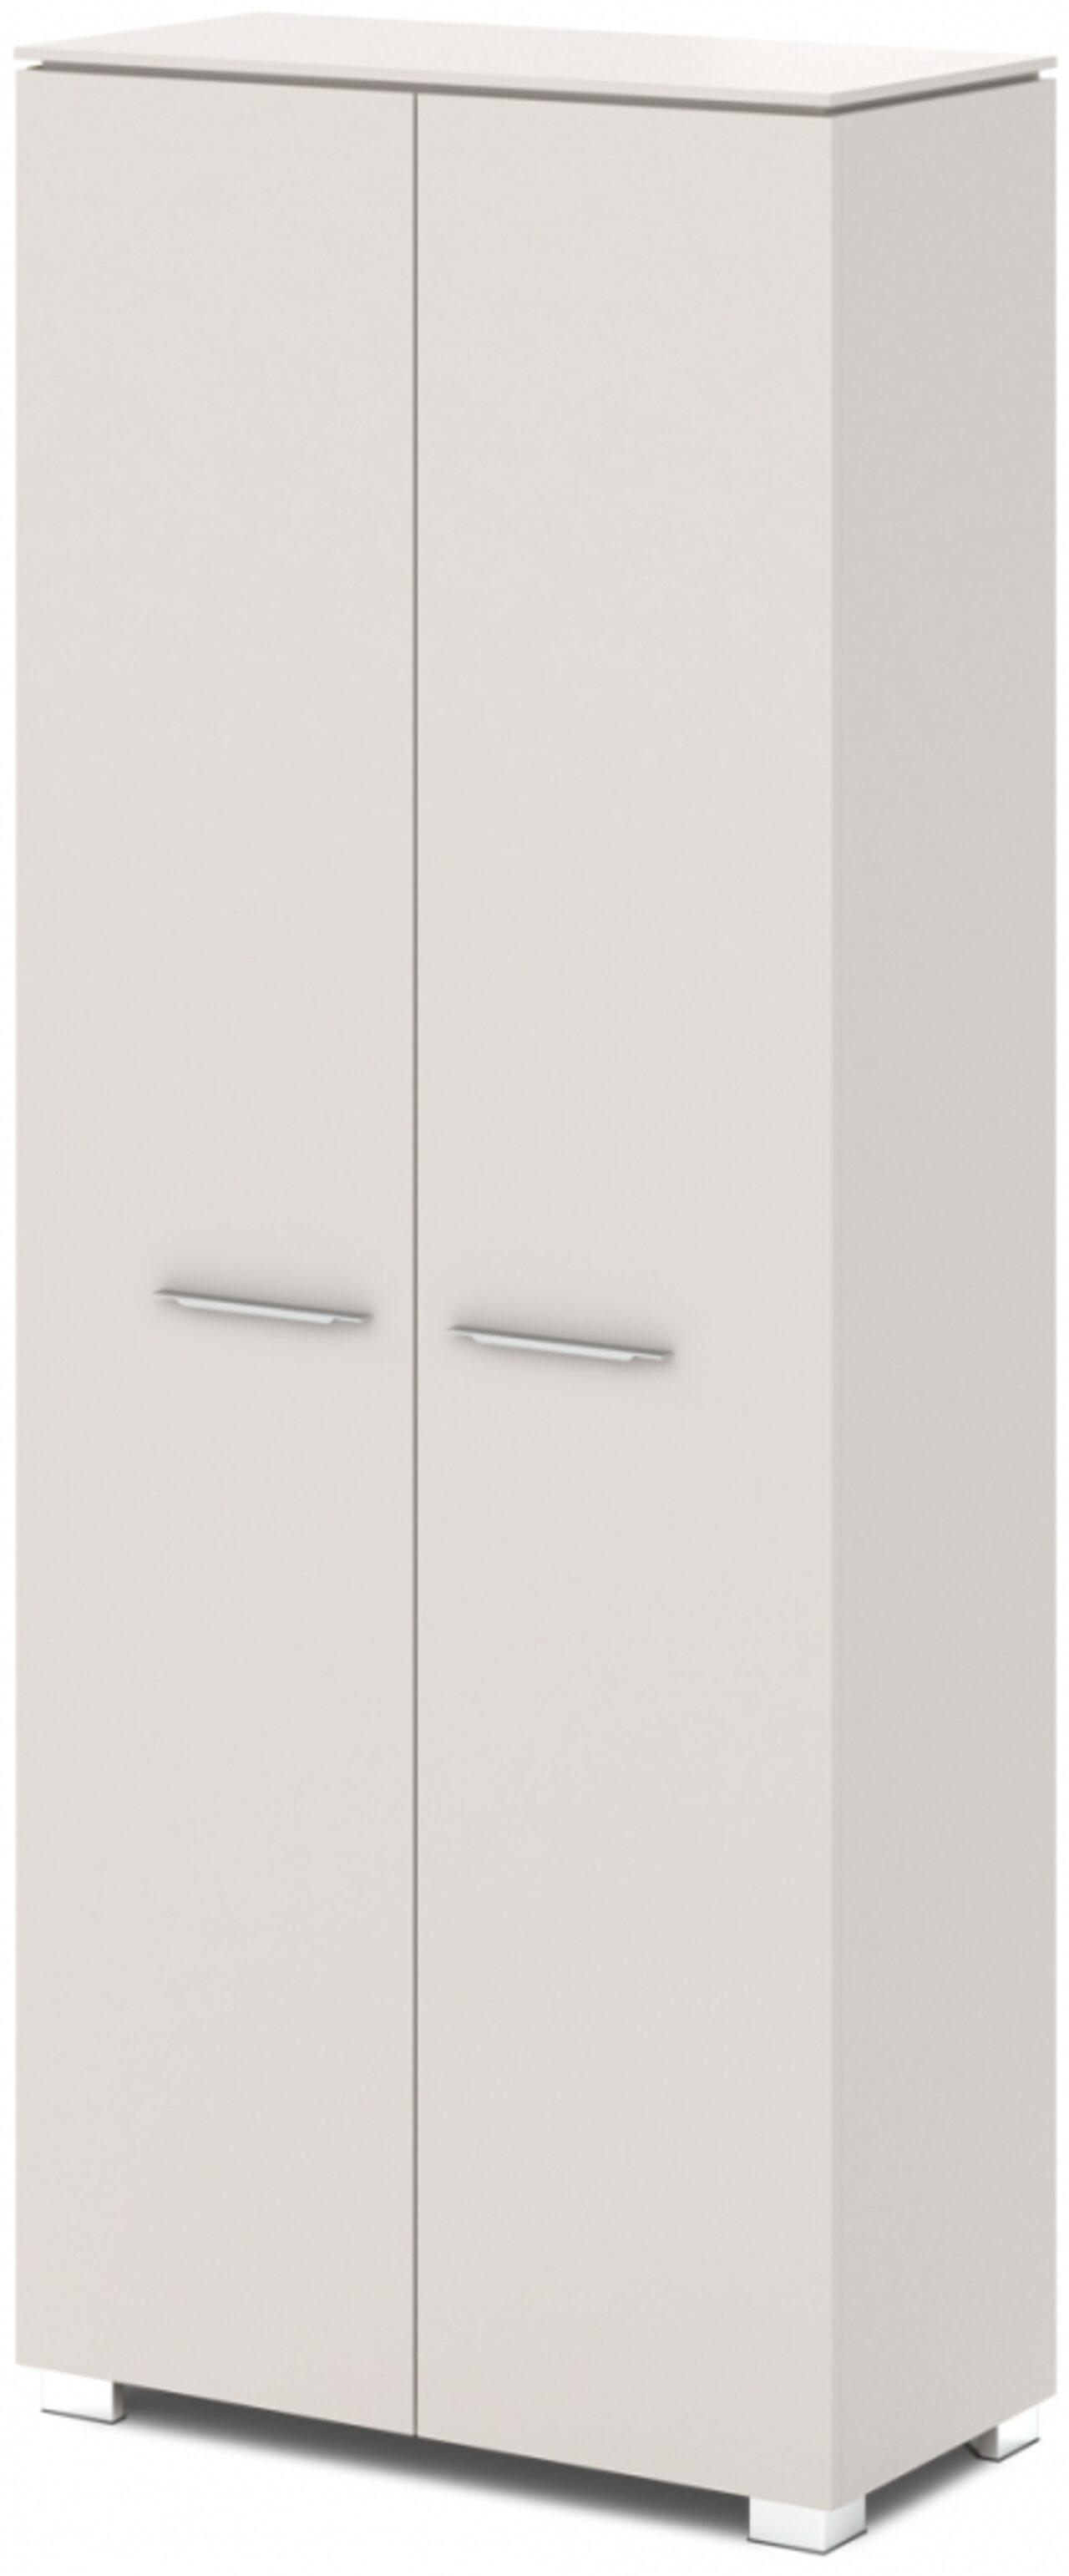 Шкаф для одежды комбинированный - фото 2